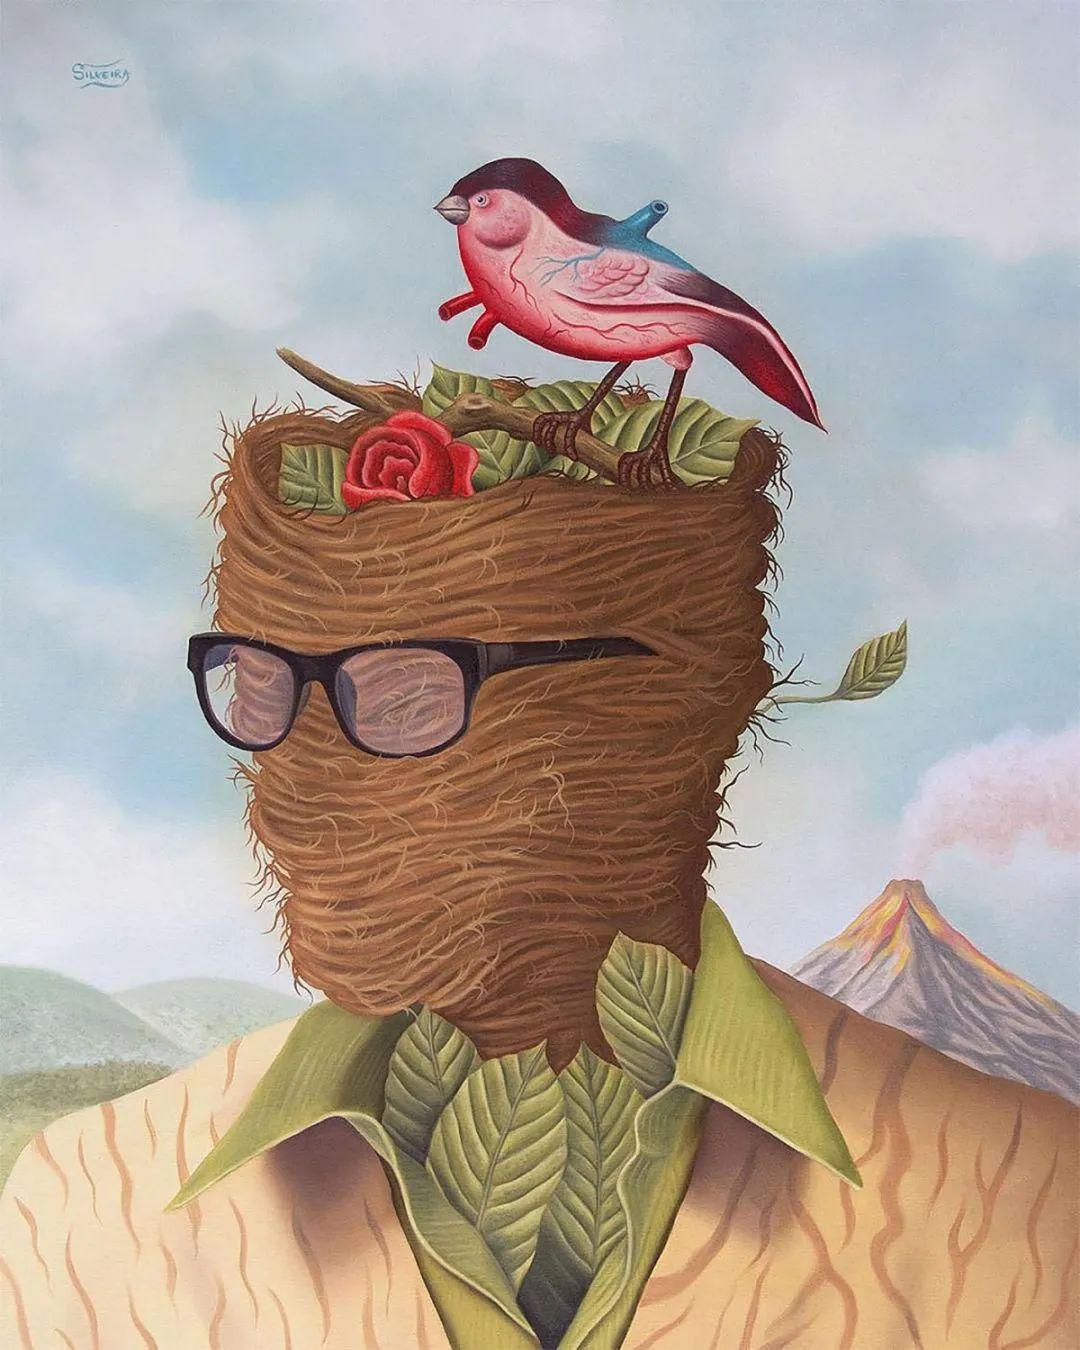 超凡的想象力,Rafael Silveira超现实主义肖像插画插图29